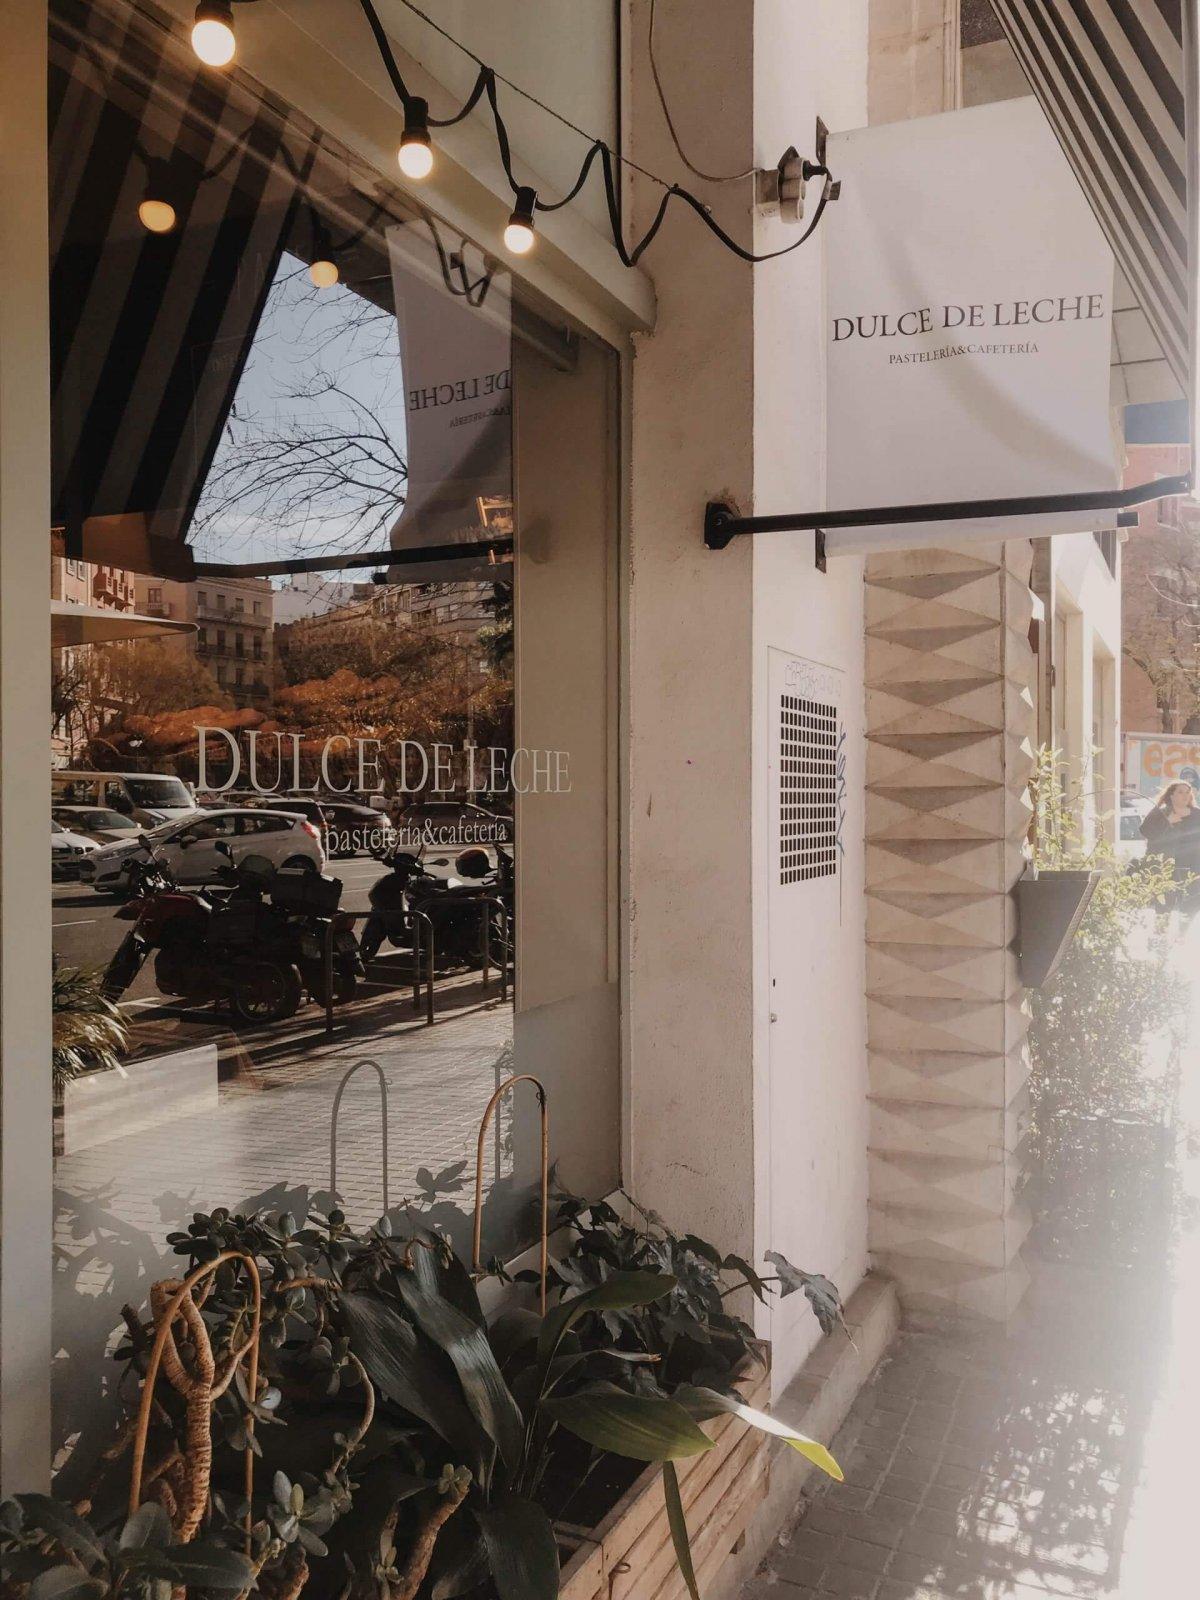 Mijn 15 favoriete plekken in de wijk Ruzafa in Valencia